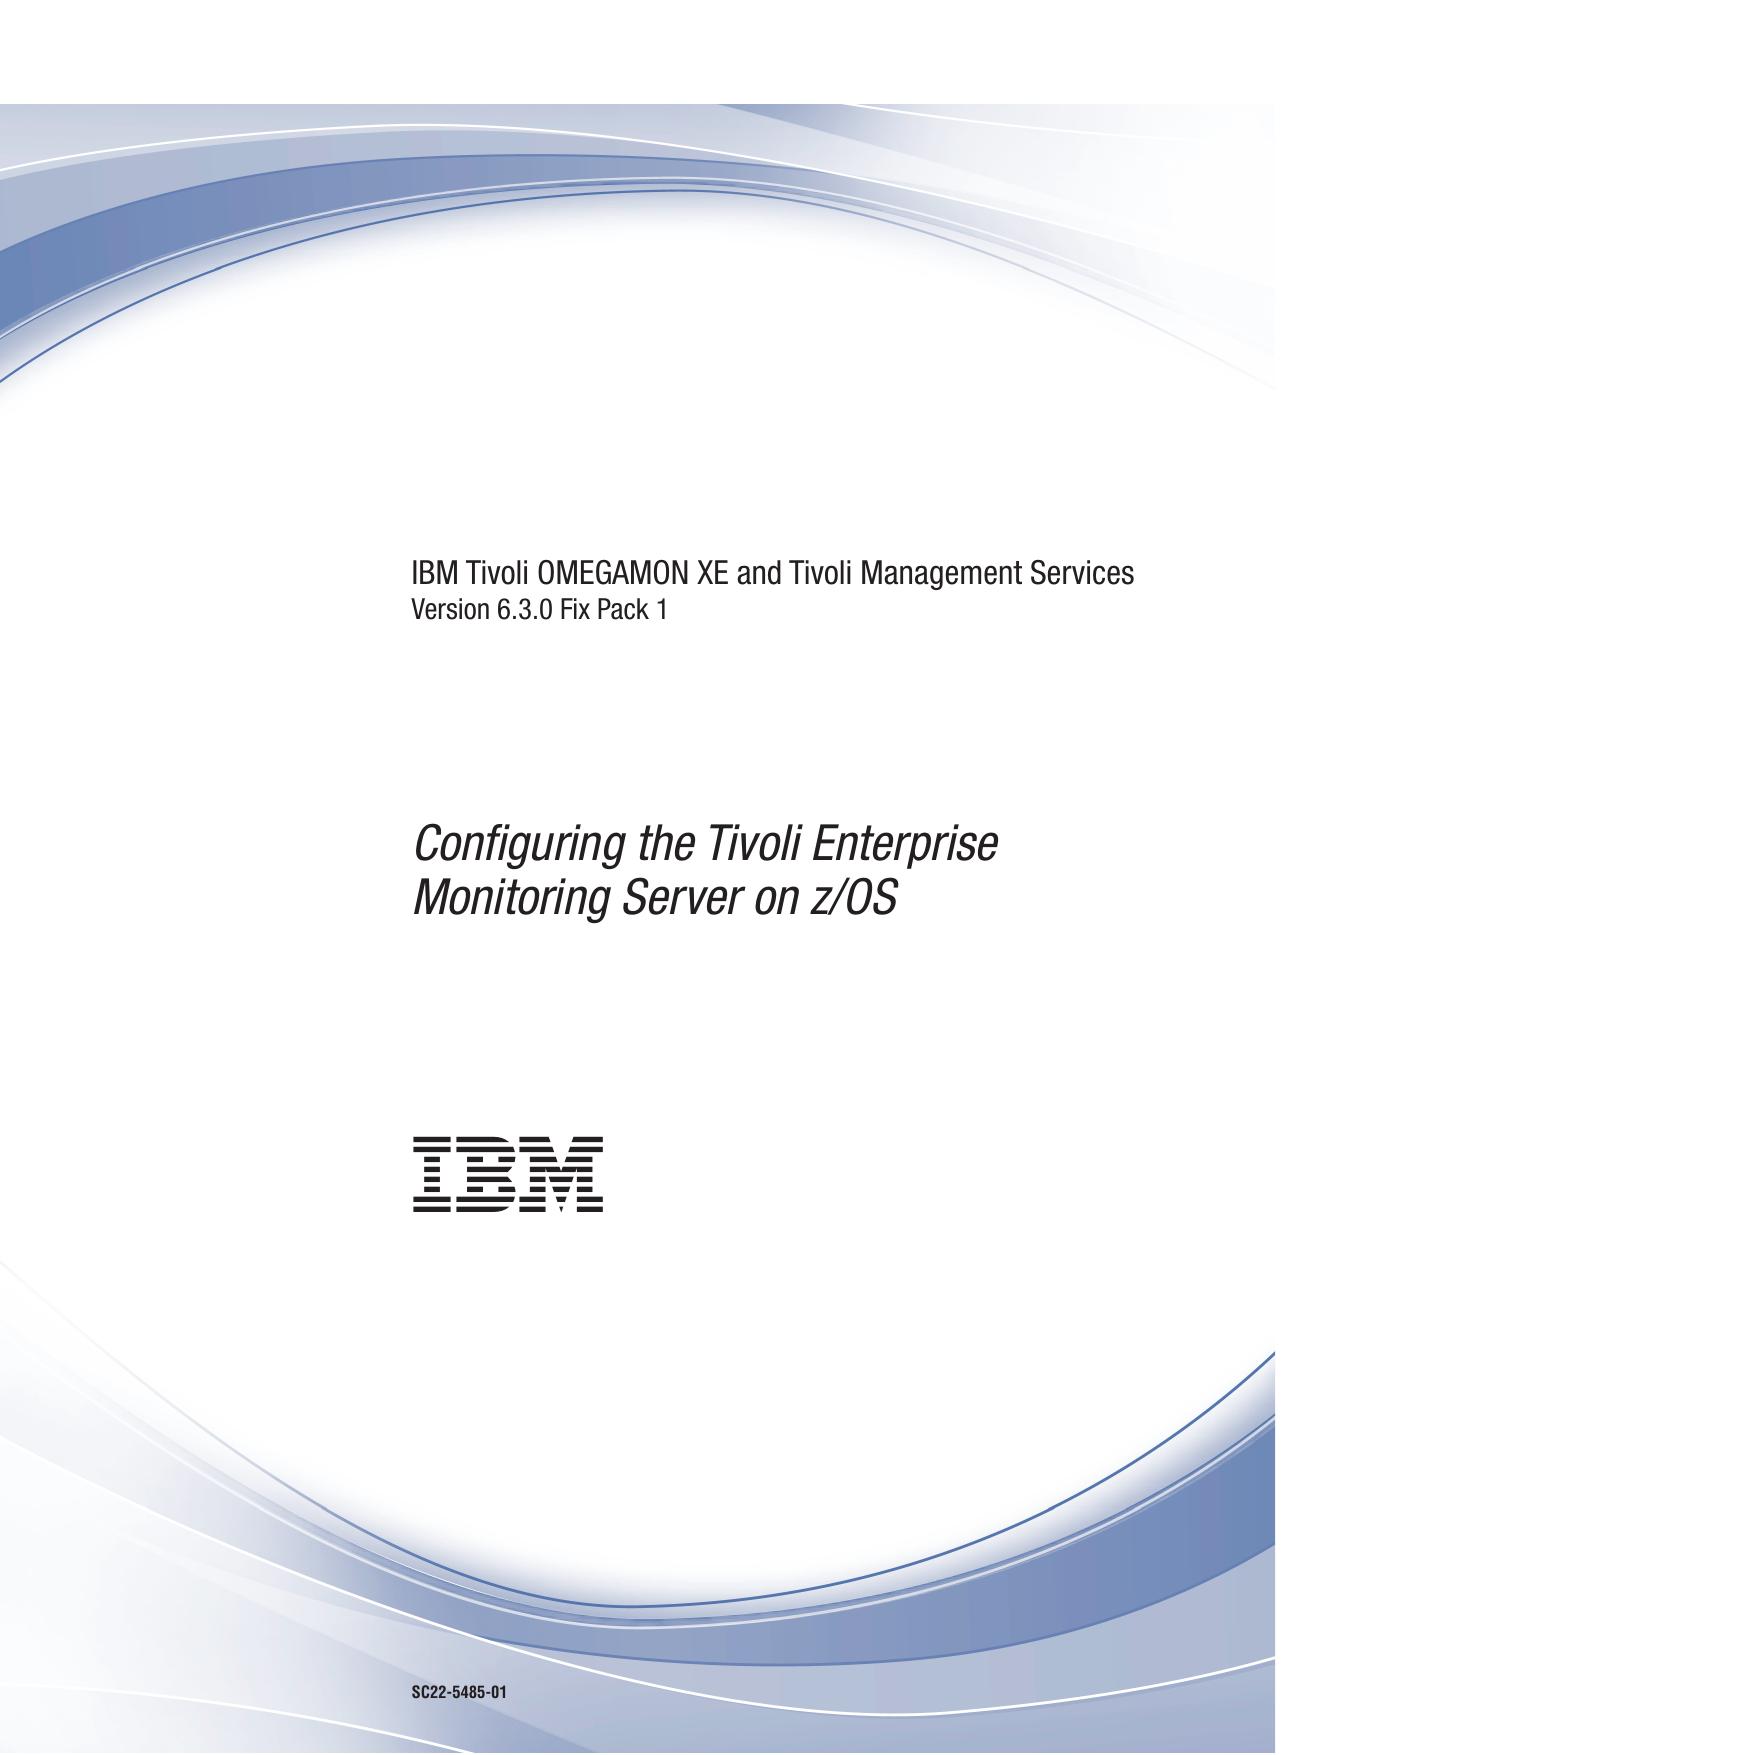 Configuring the Tivoli Enterprise Monitoring Server on z/OS